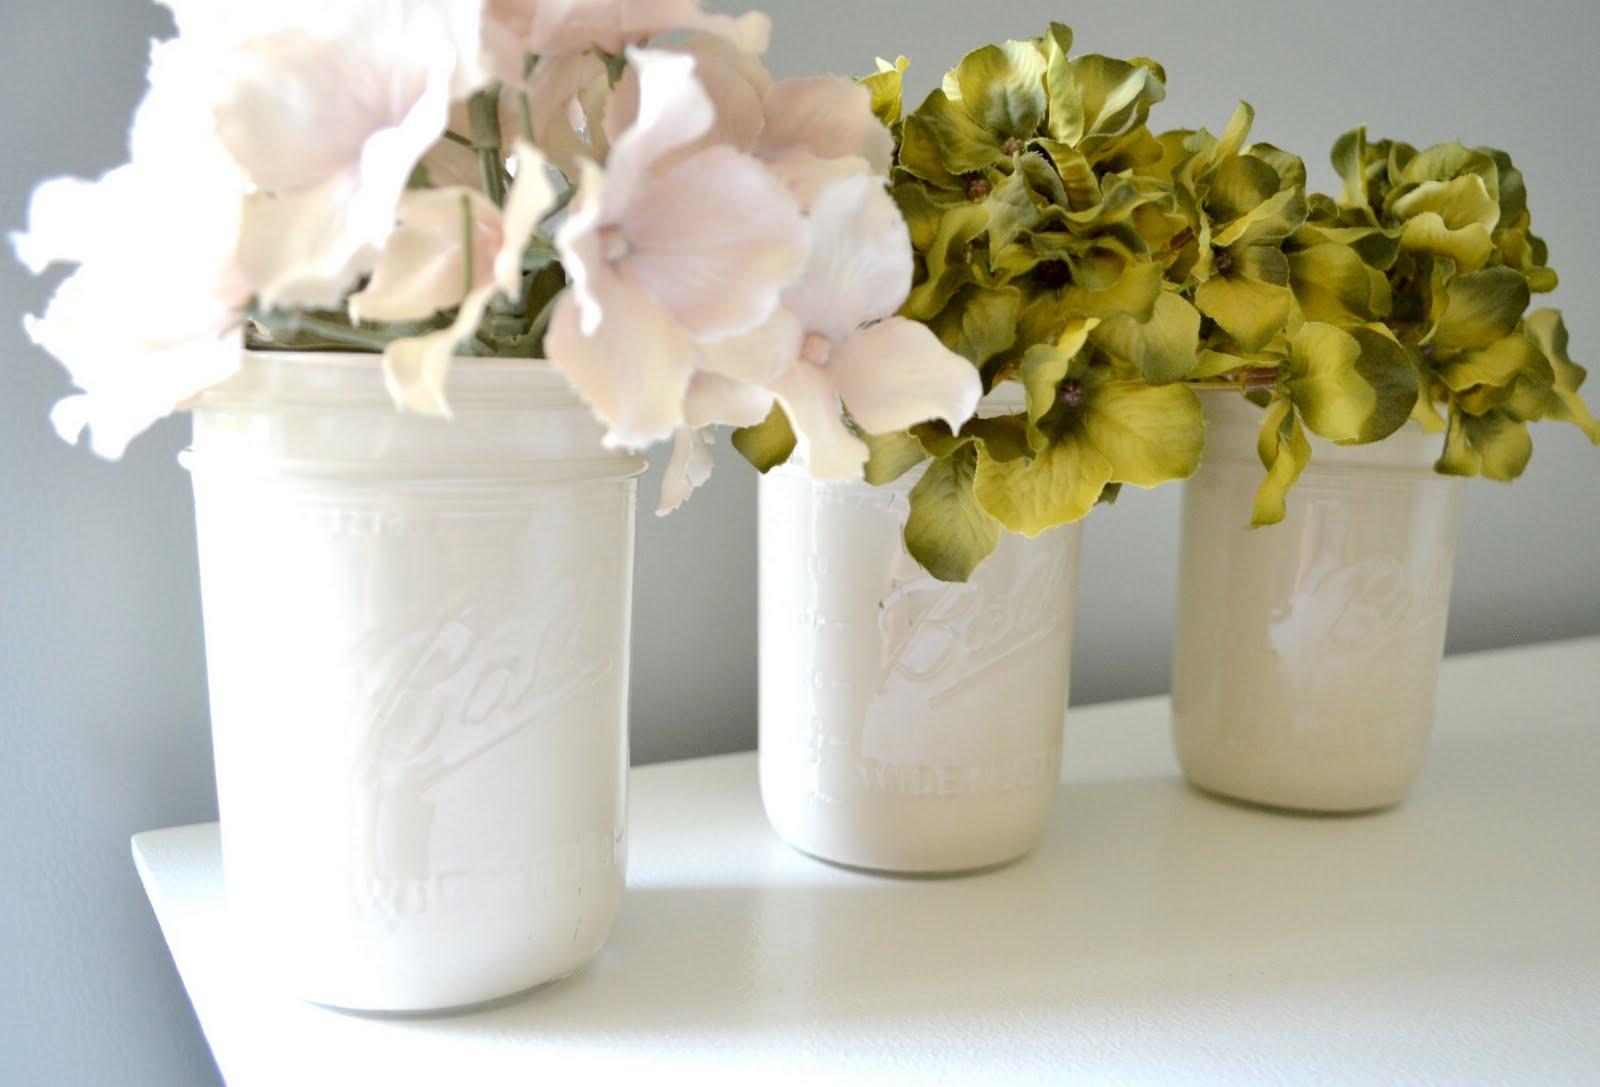 белые банки с цветами на белом столе